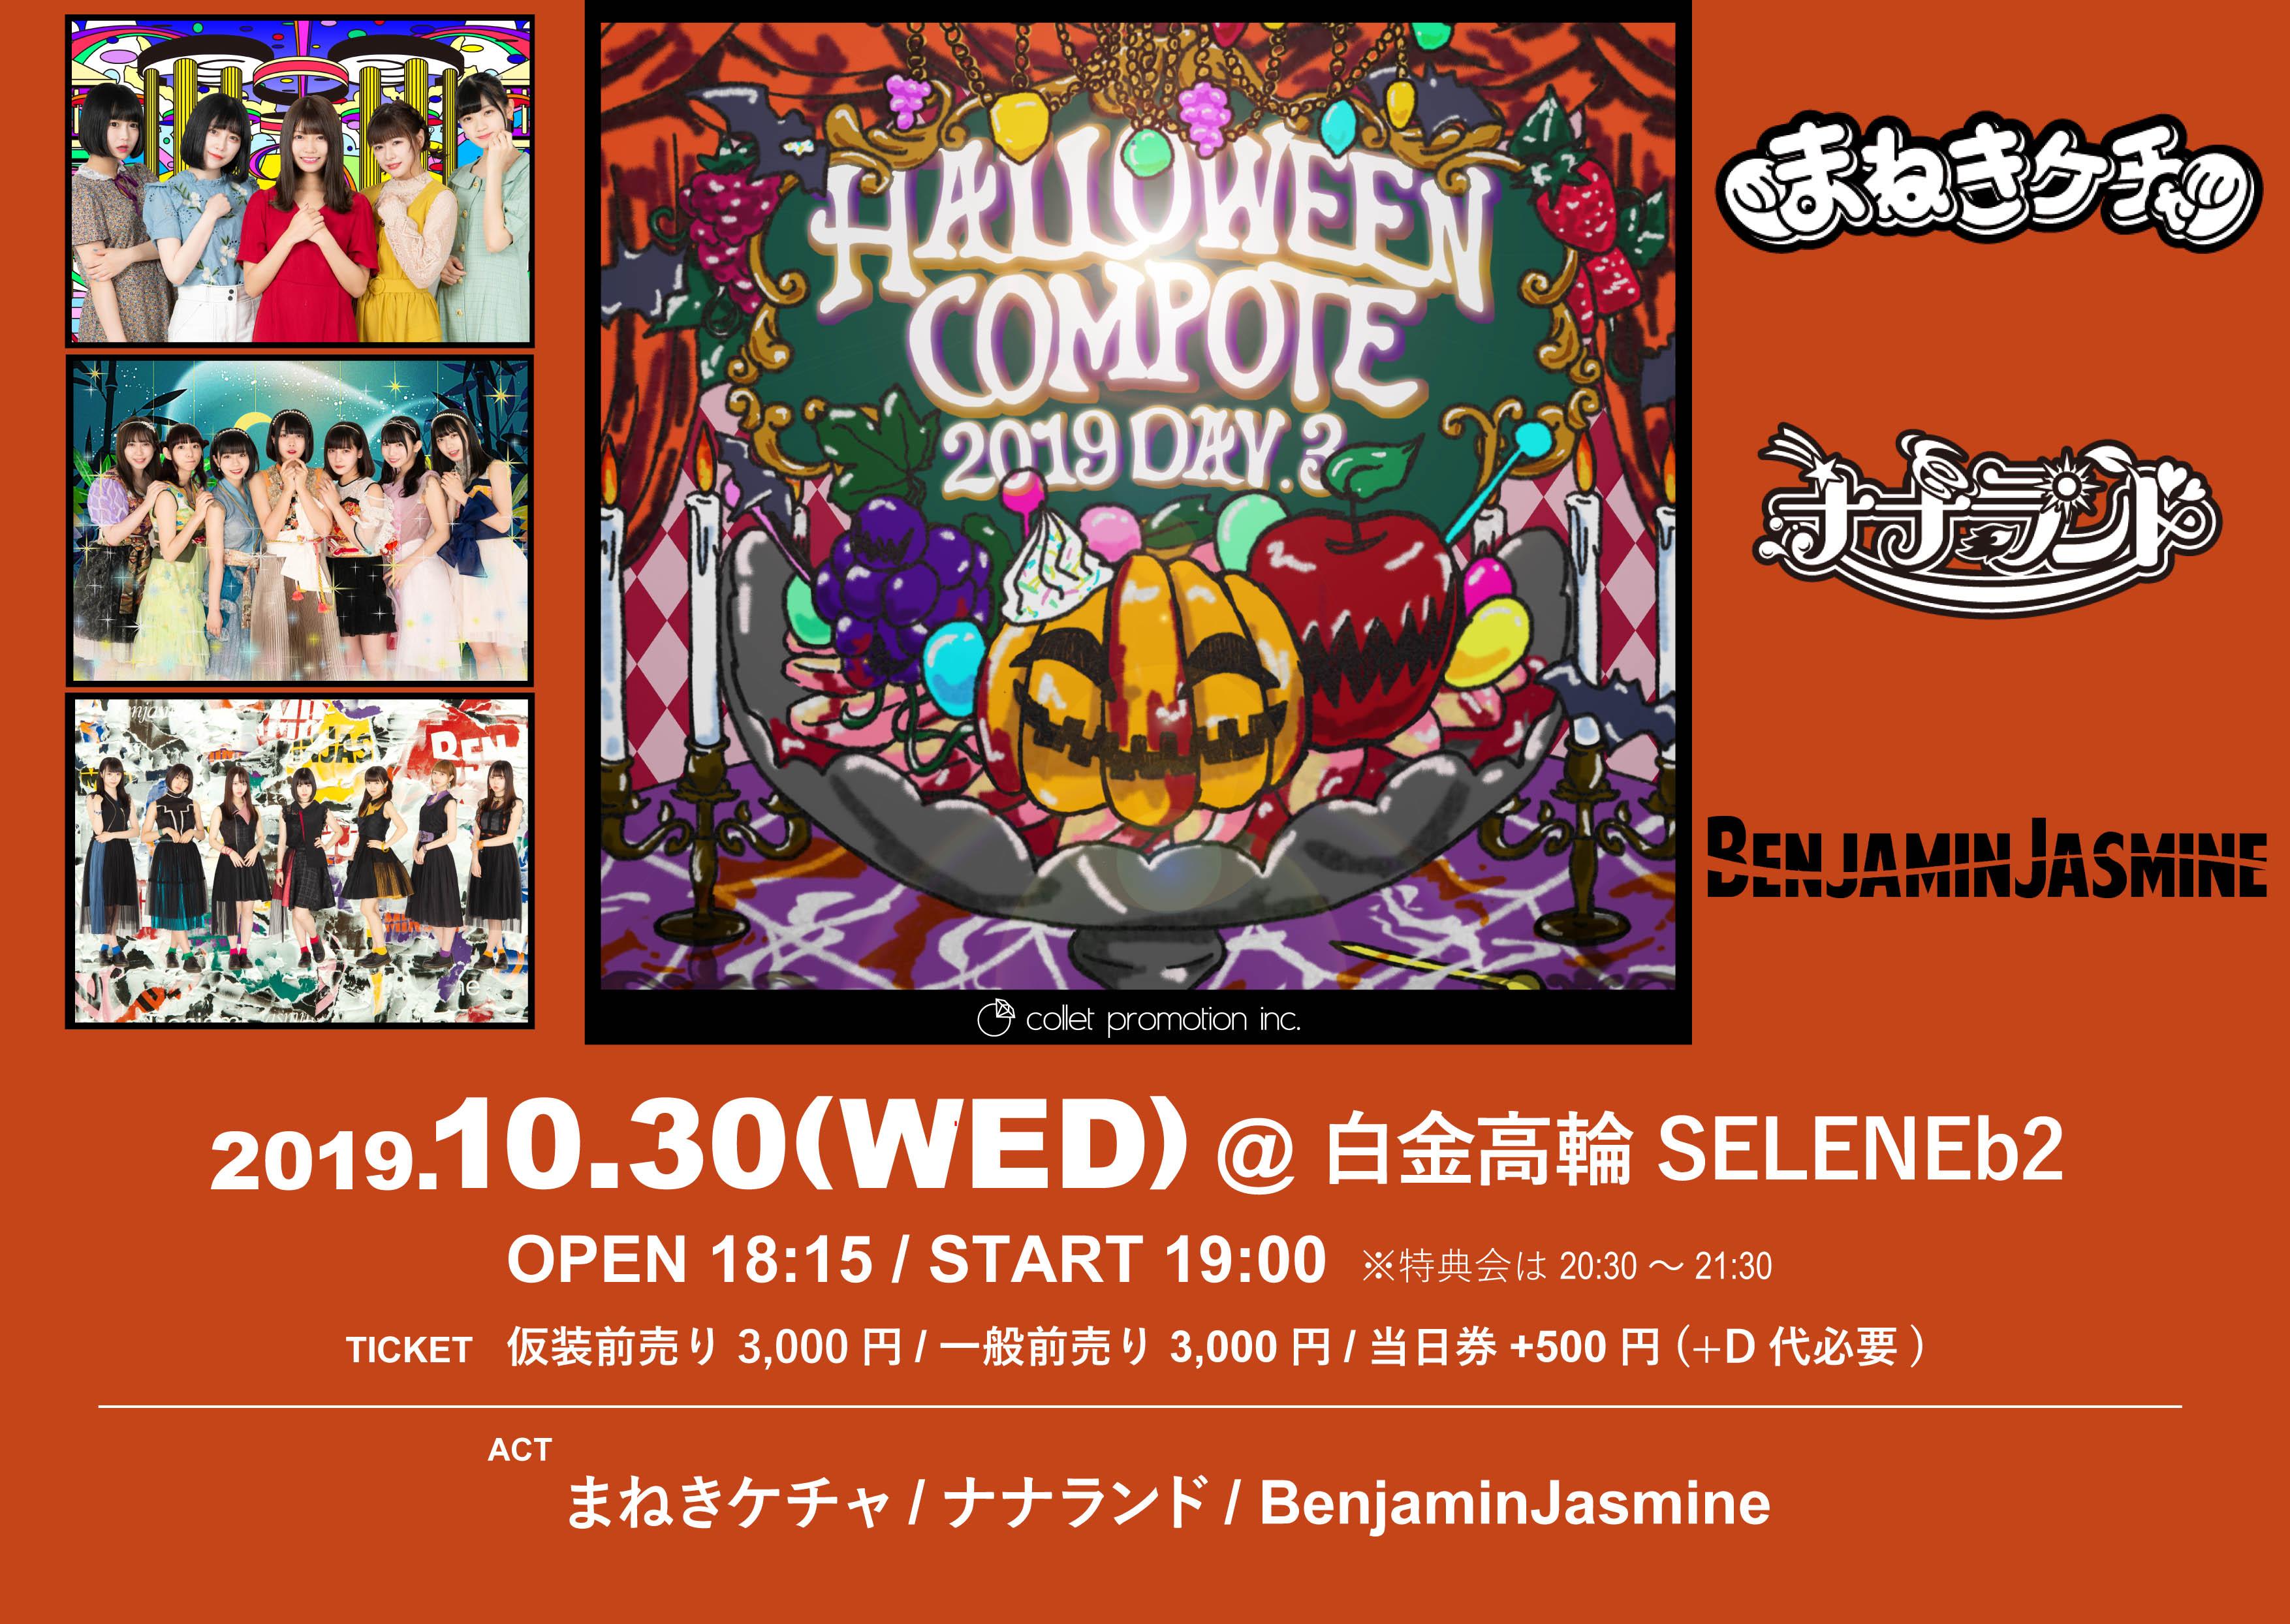 10月30日(水)『ハロウィンコンポートDay3』